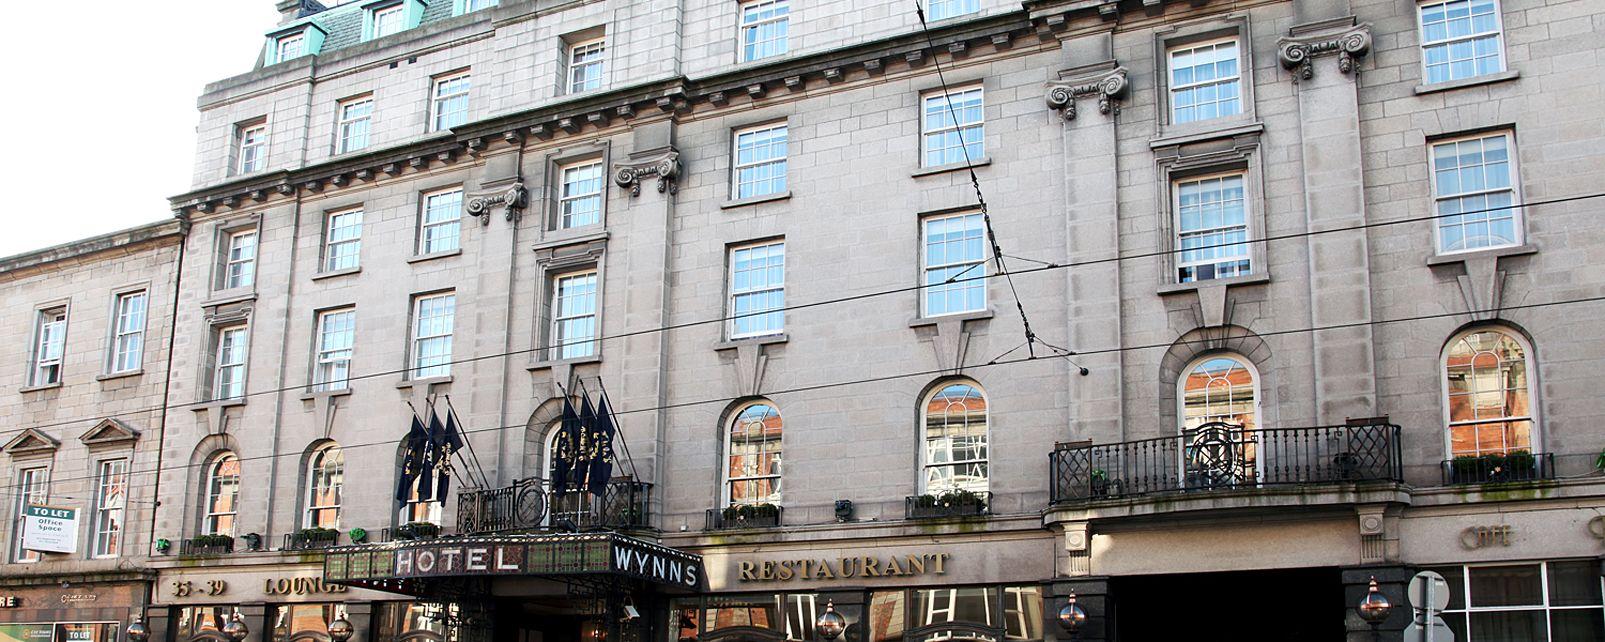 Hotel Wynn's Hotel Dublin